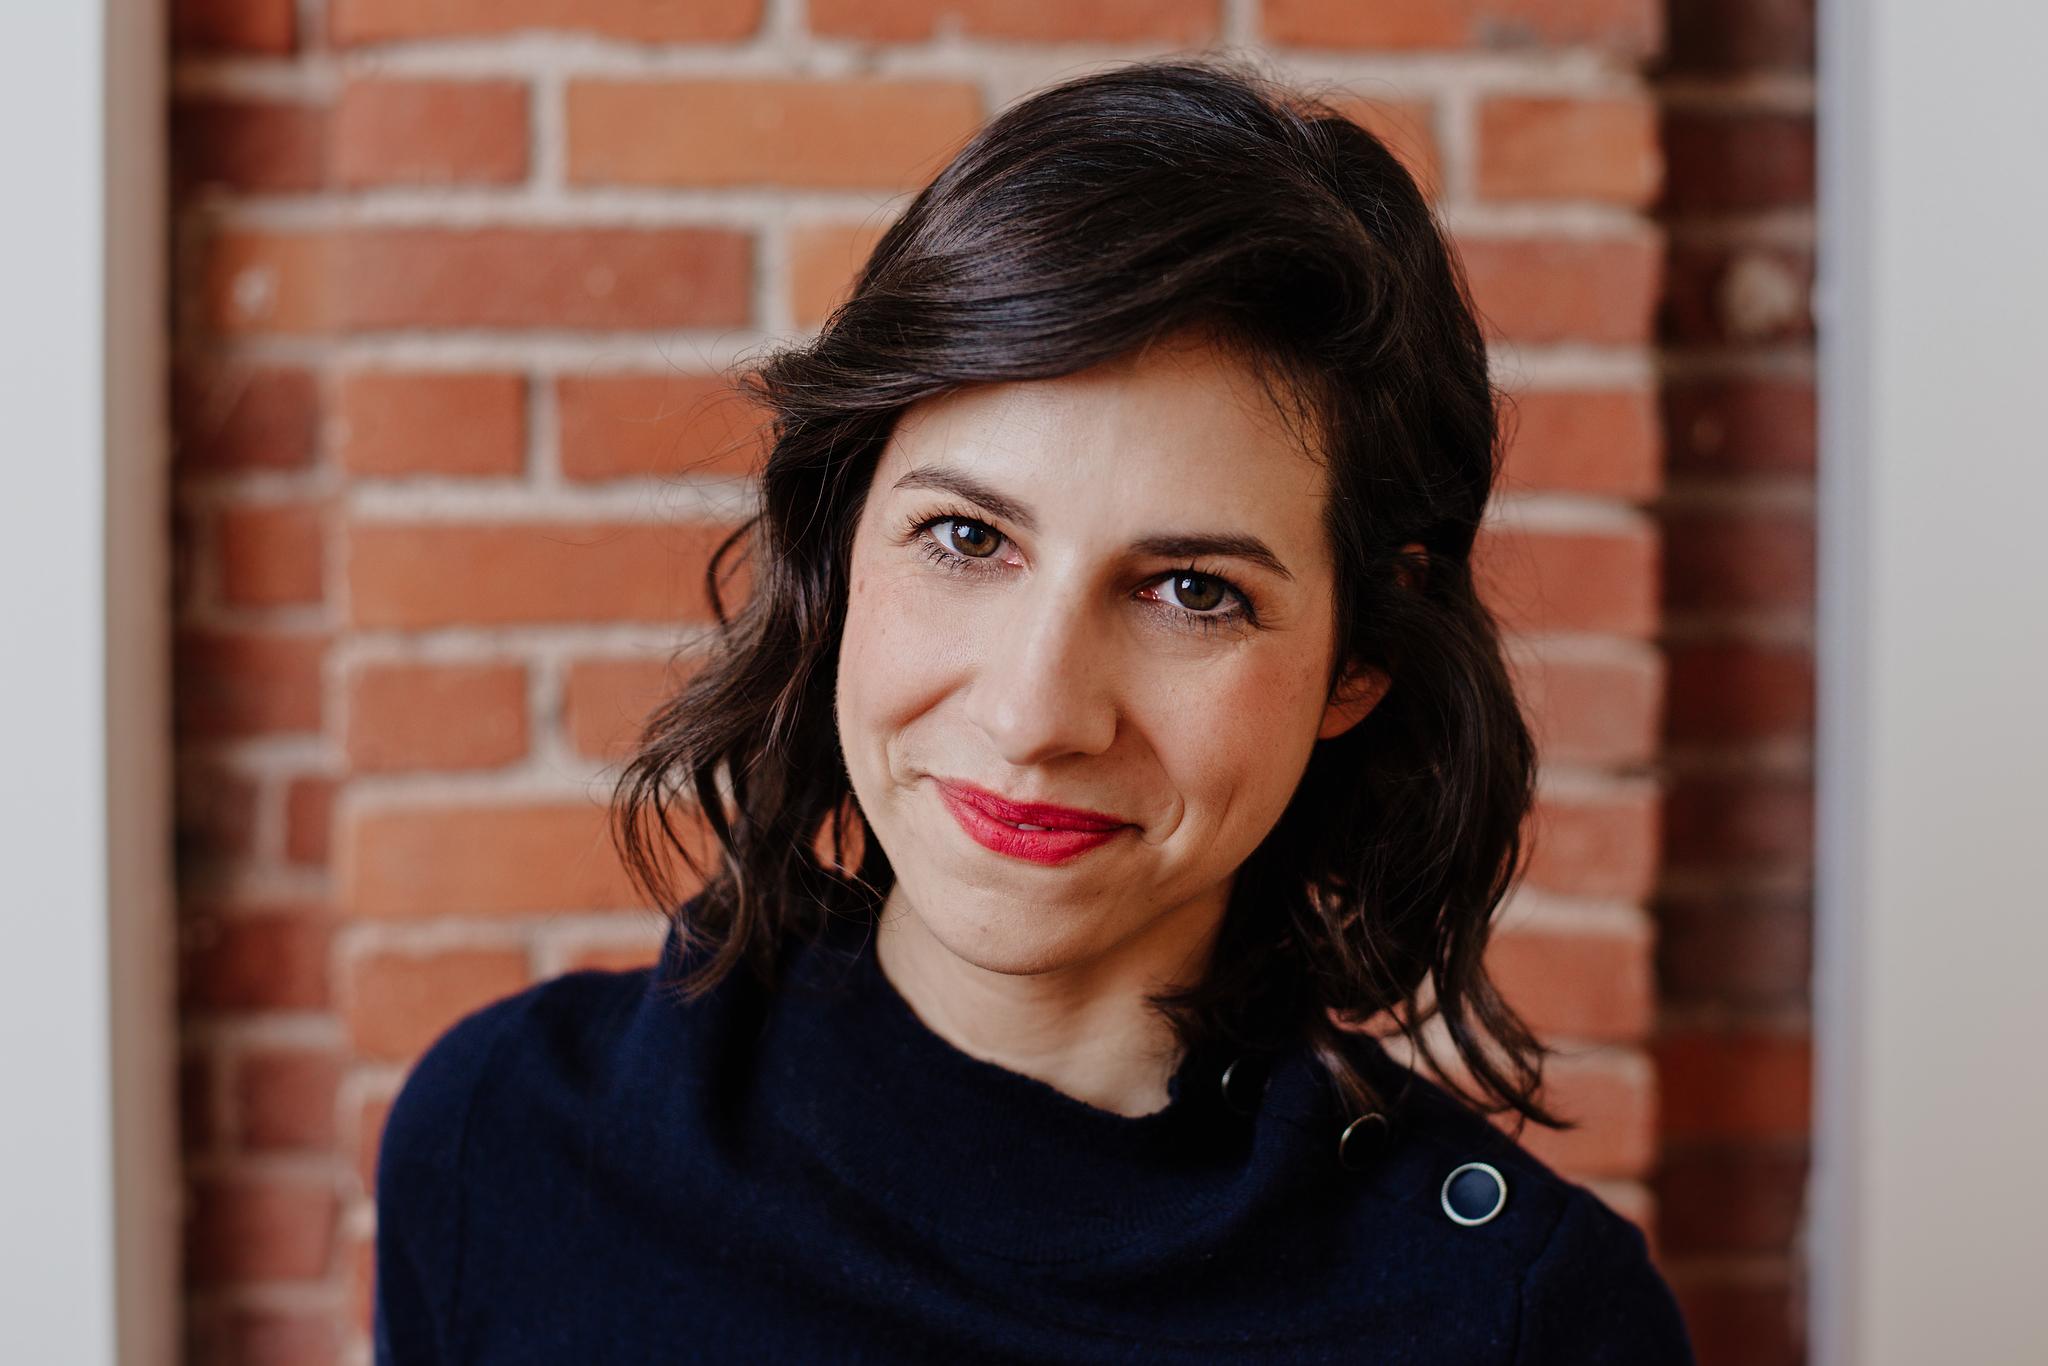 Michelle Belcic